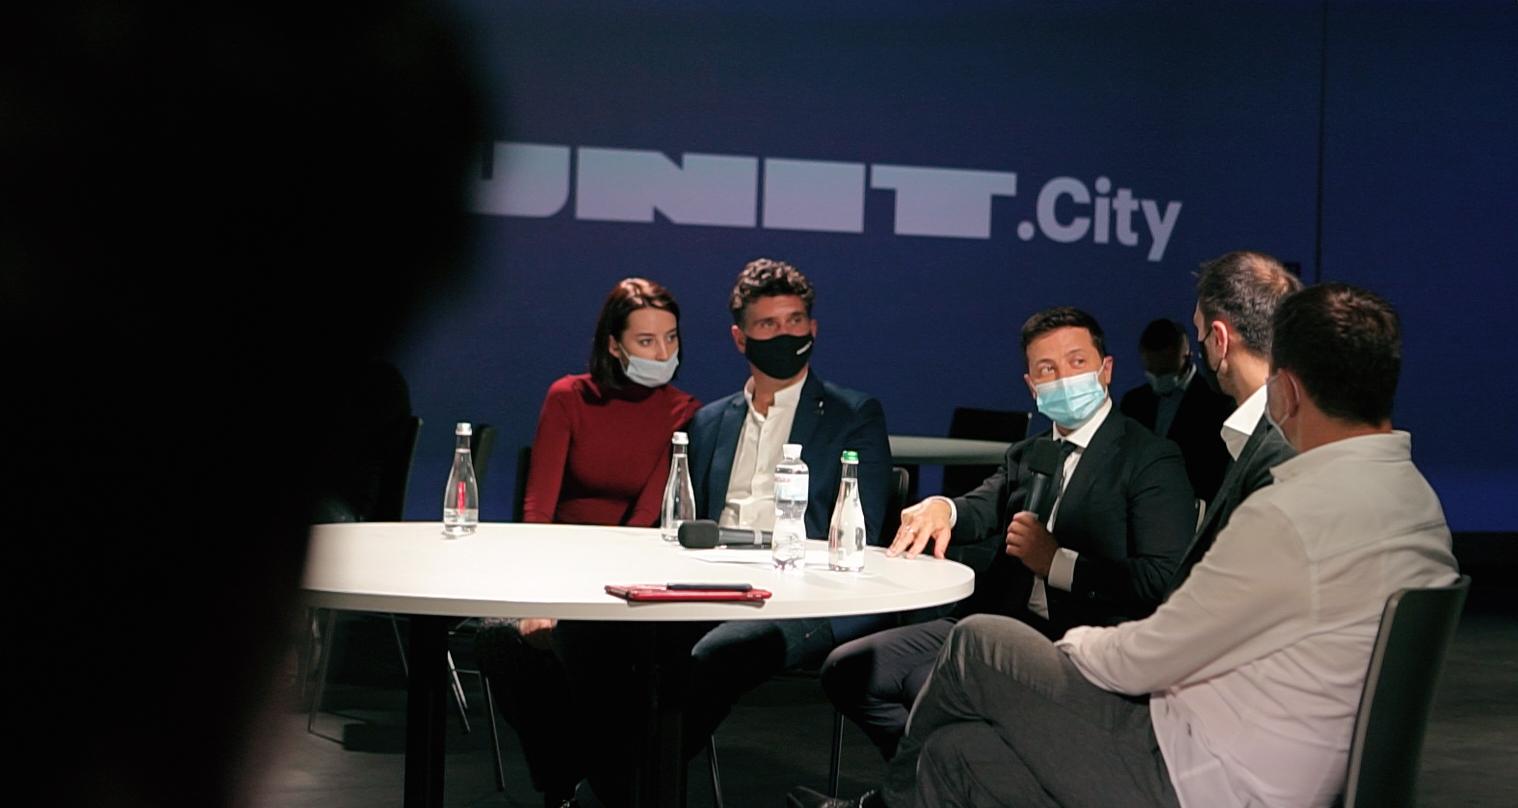 Володимир Зеленський на зустрічі зі стартаперами в UNIT.City